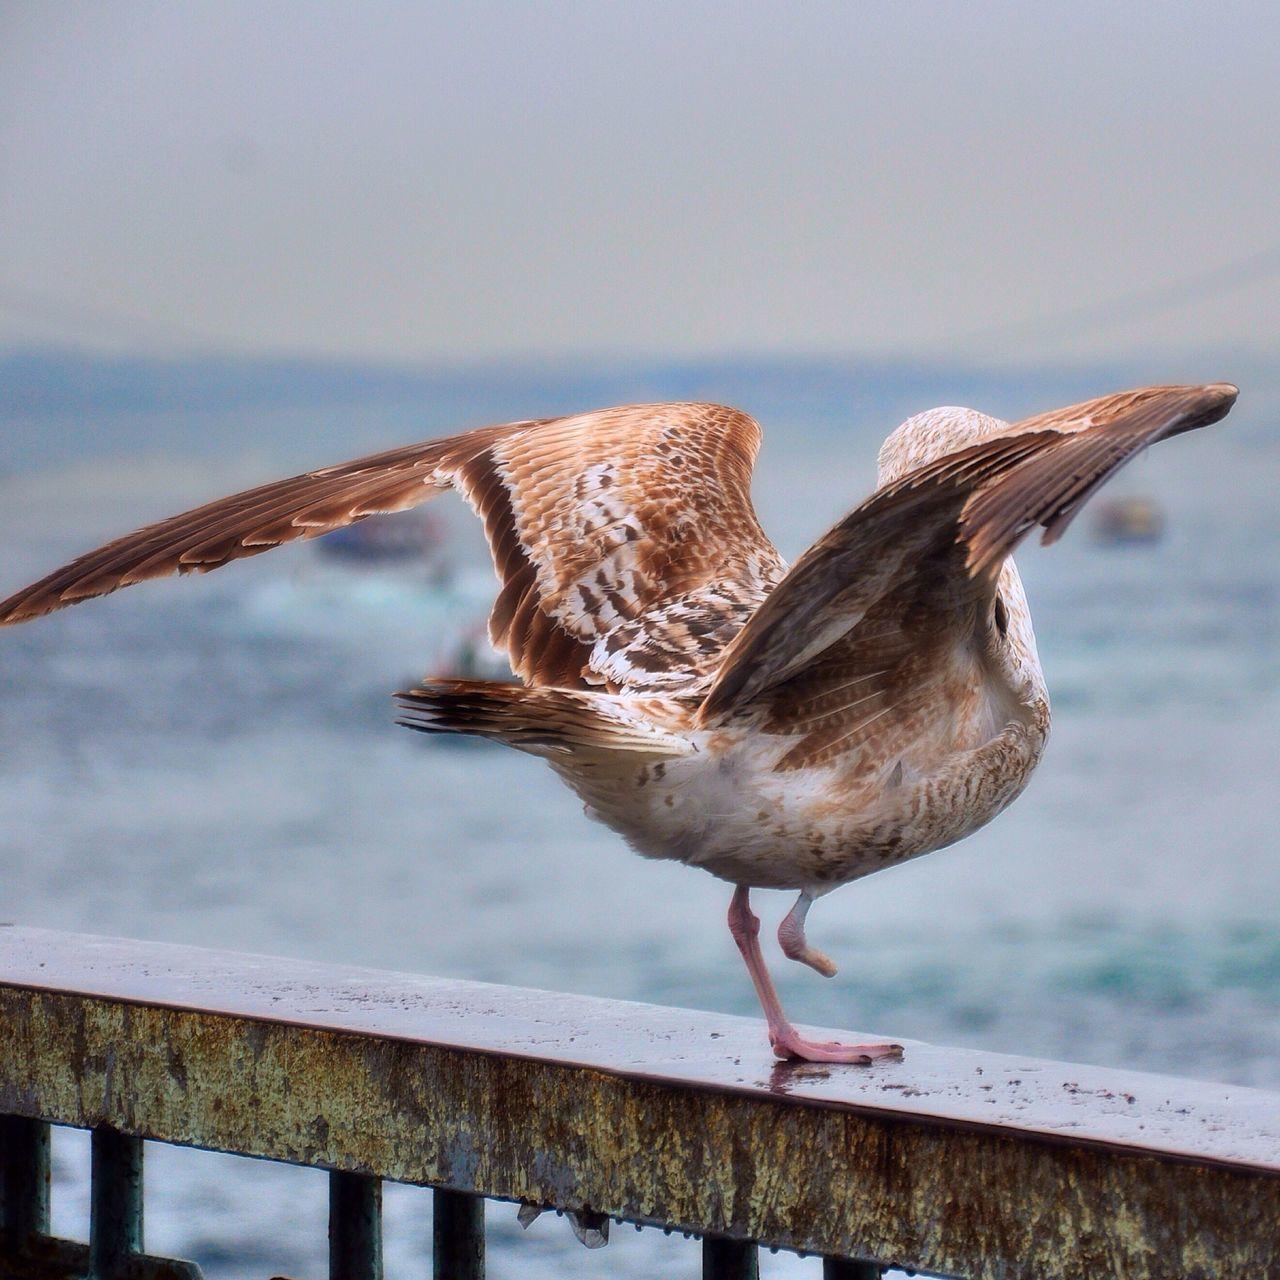 Rear View Of A Bird Against Calm Sea